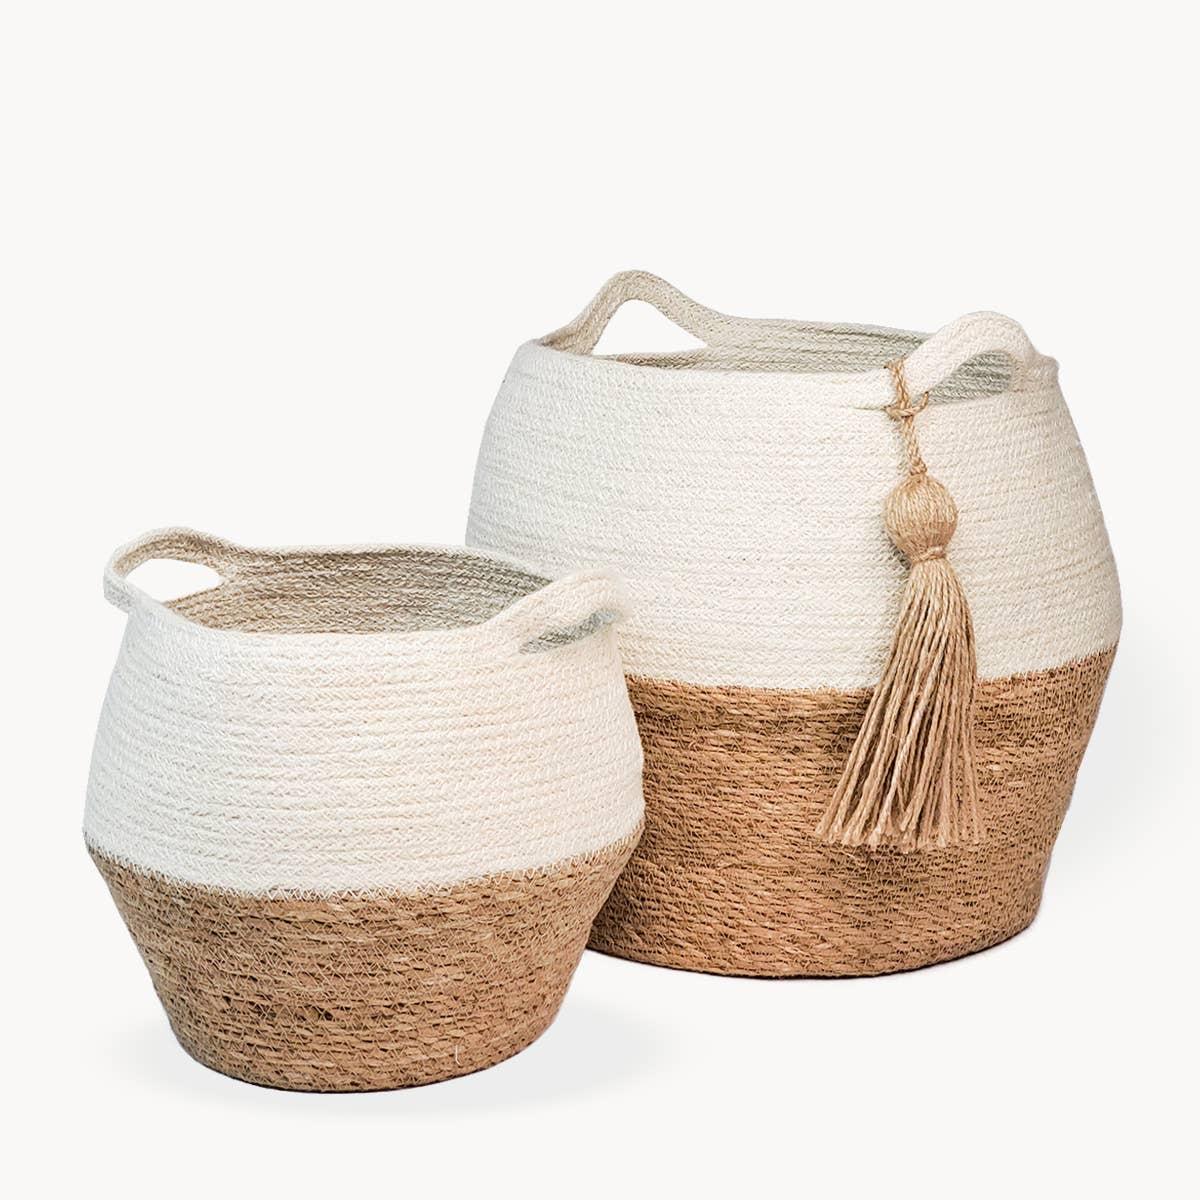 Agora Jar Basket - Natural (Set of 2) | Trada Marketplace